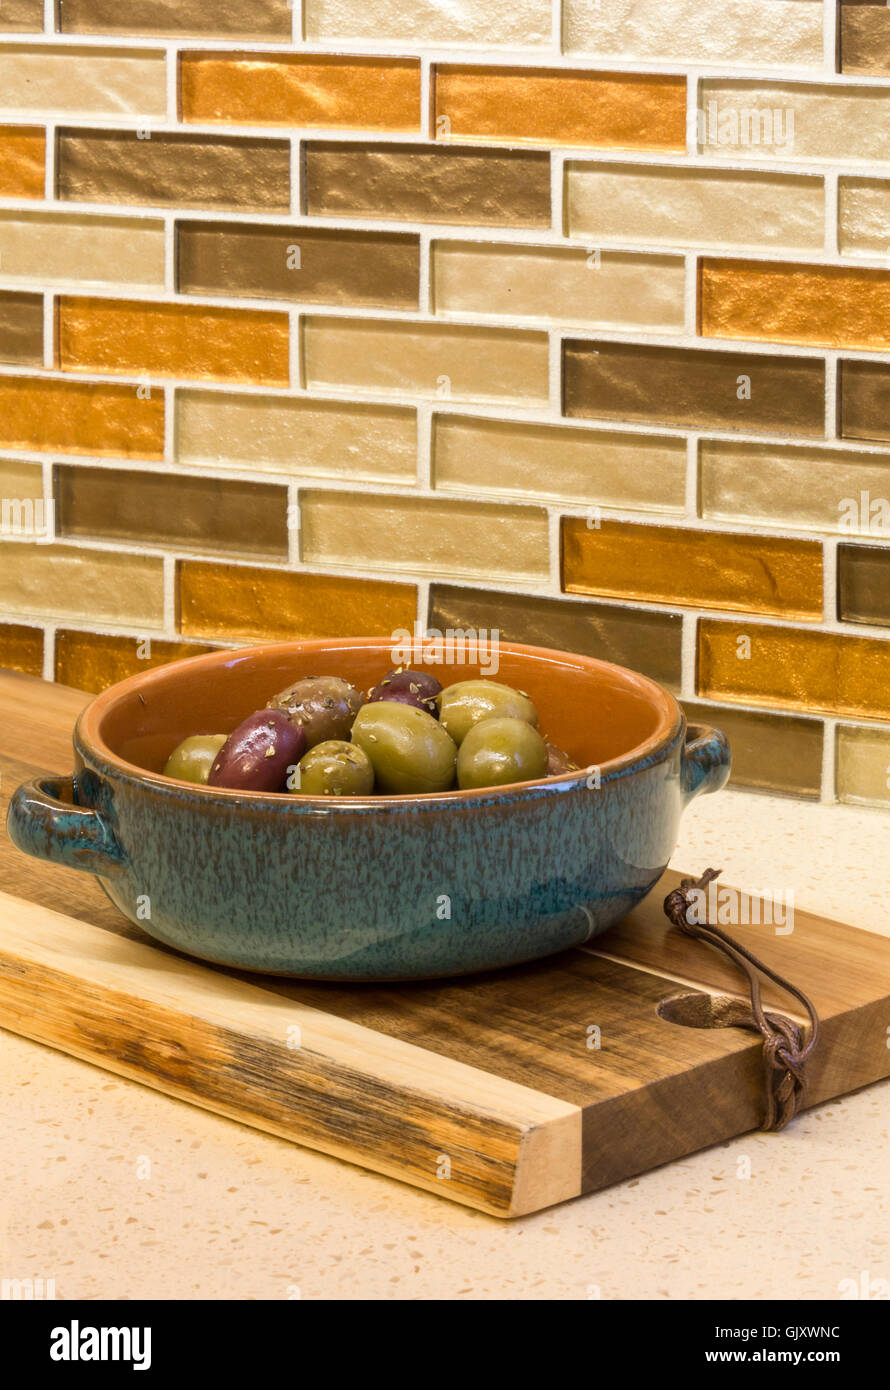 Küche Zu Hause Innen Detail. Oliven Vorspeisen In Keramik Servierplatte Auf  Arbeitsplatte Mit Glasmosaik Fliesen Backsplash.